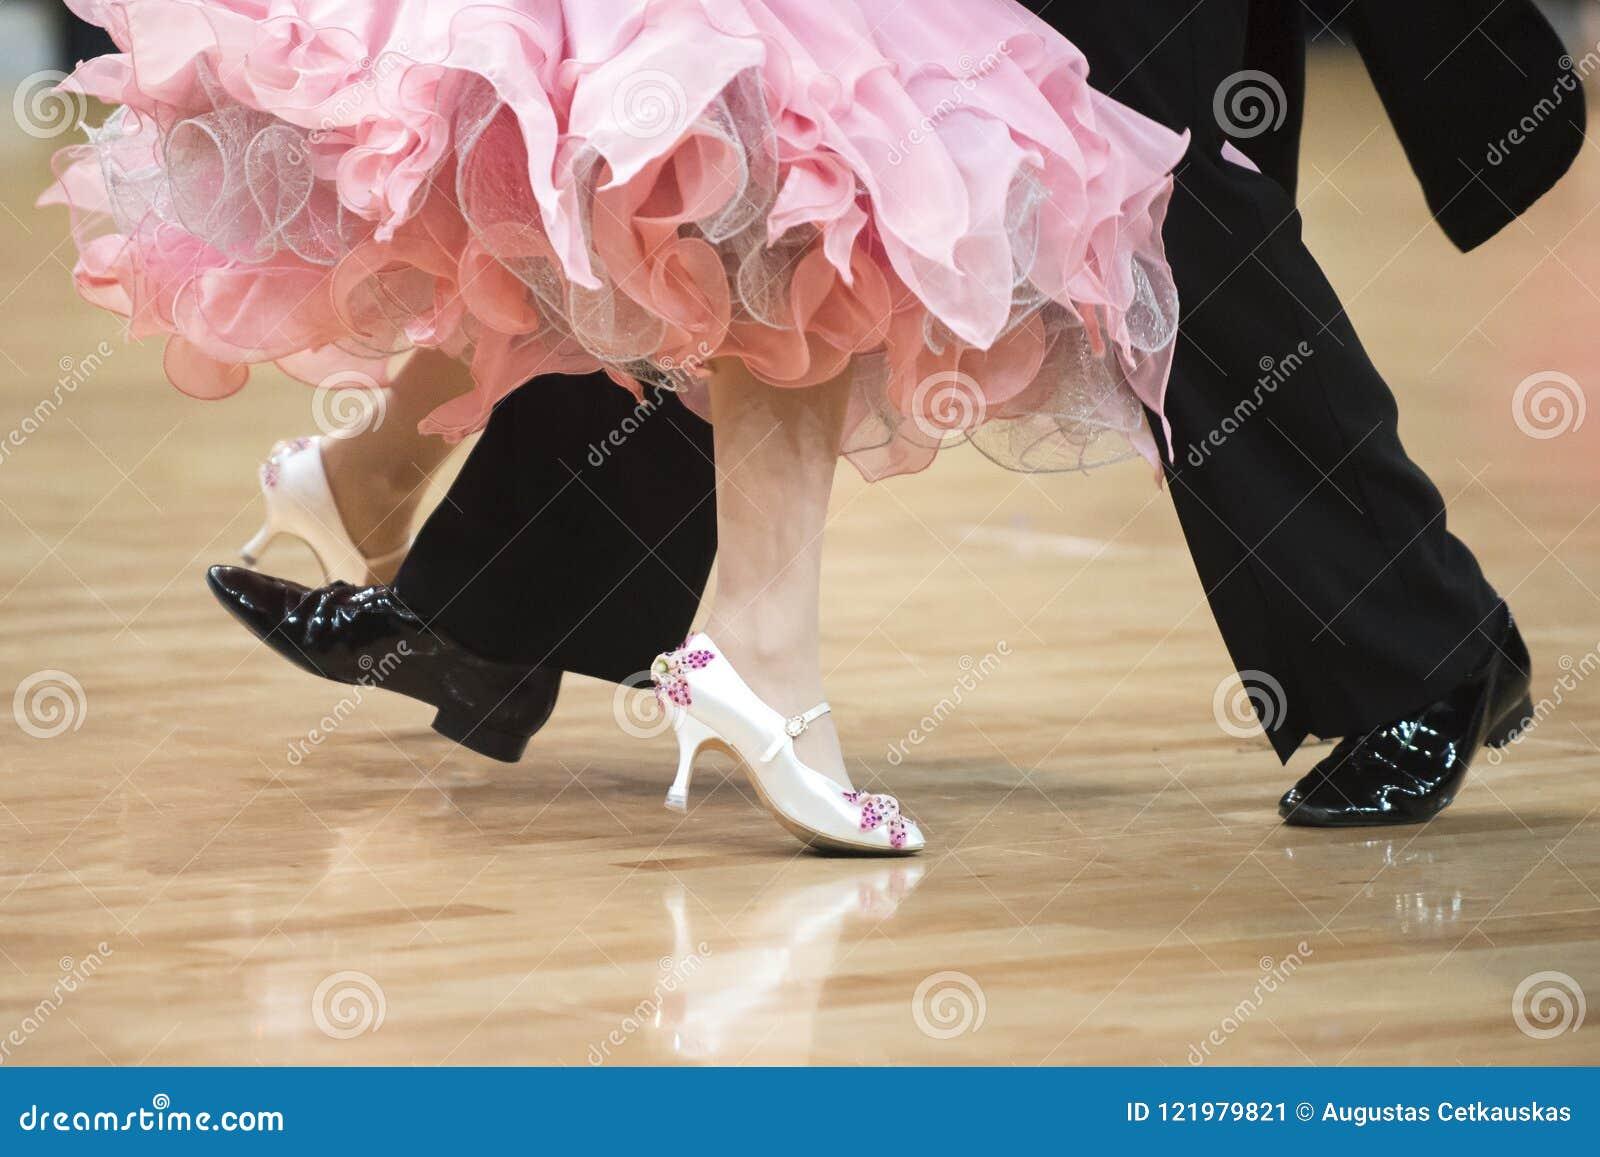 Между ног у красивой женщины, кончила парню полный рот